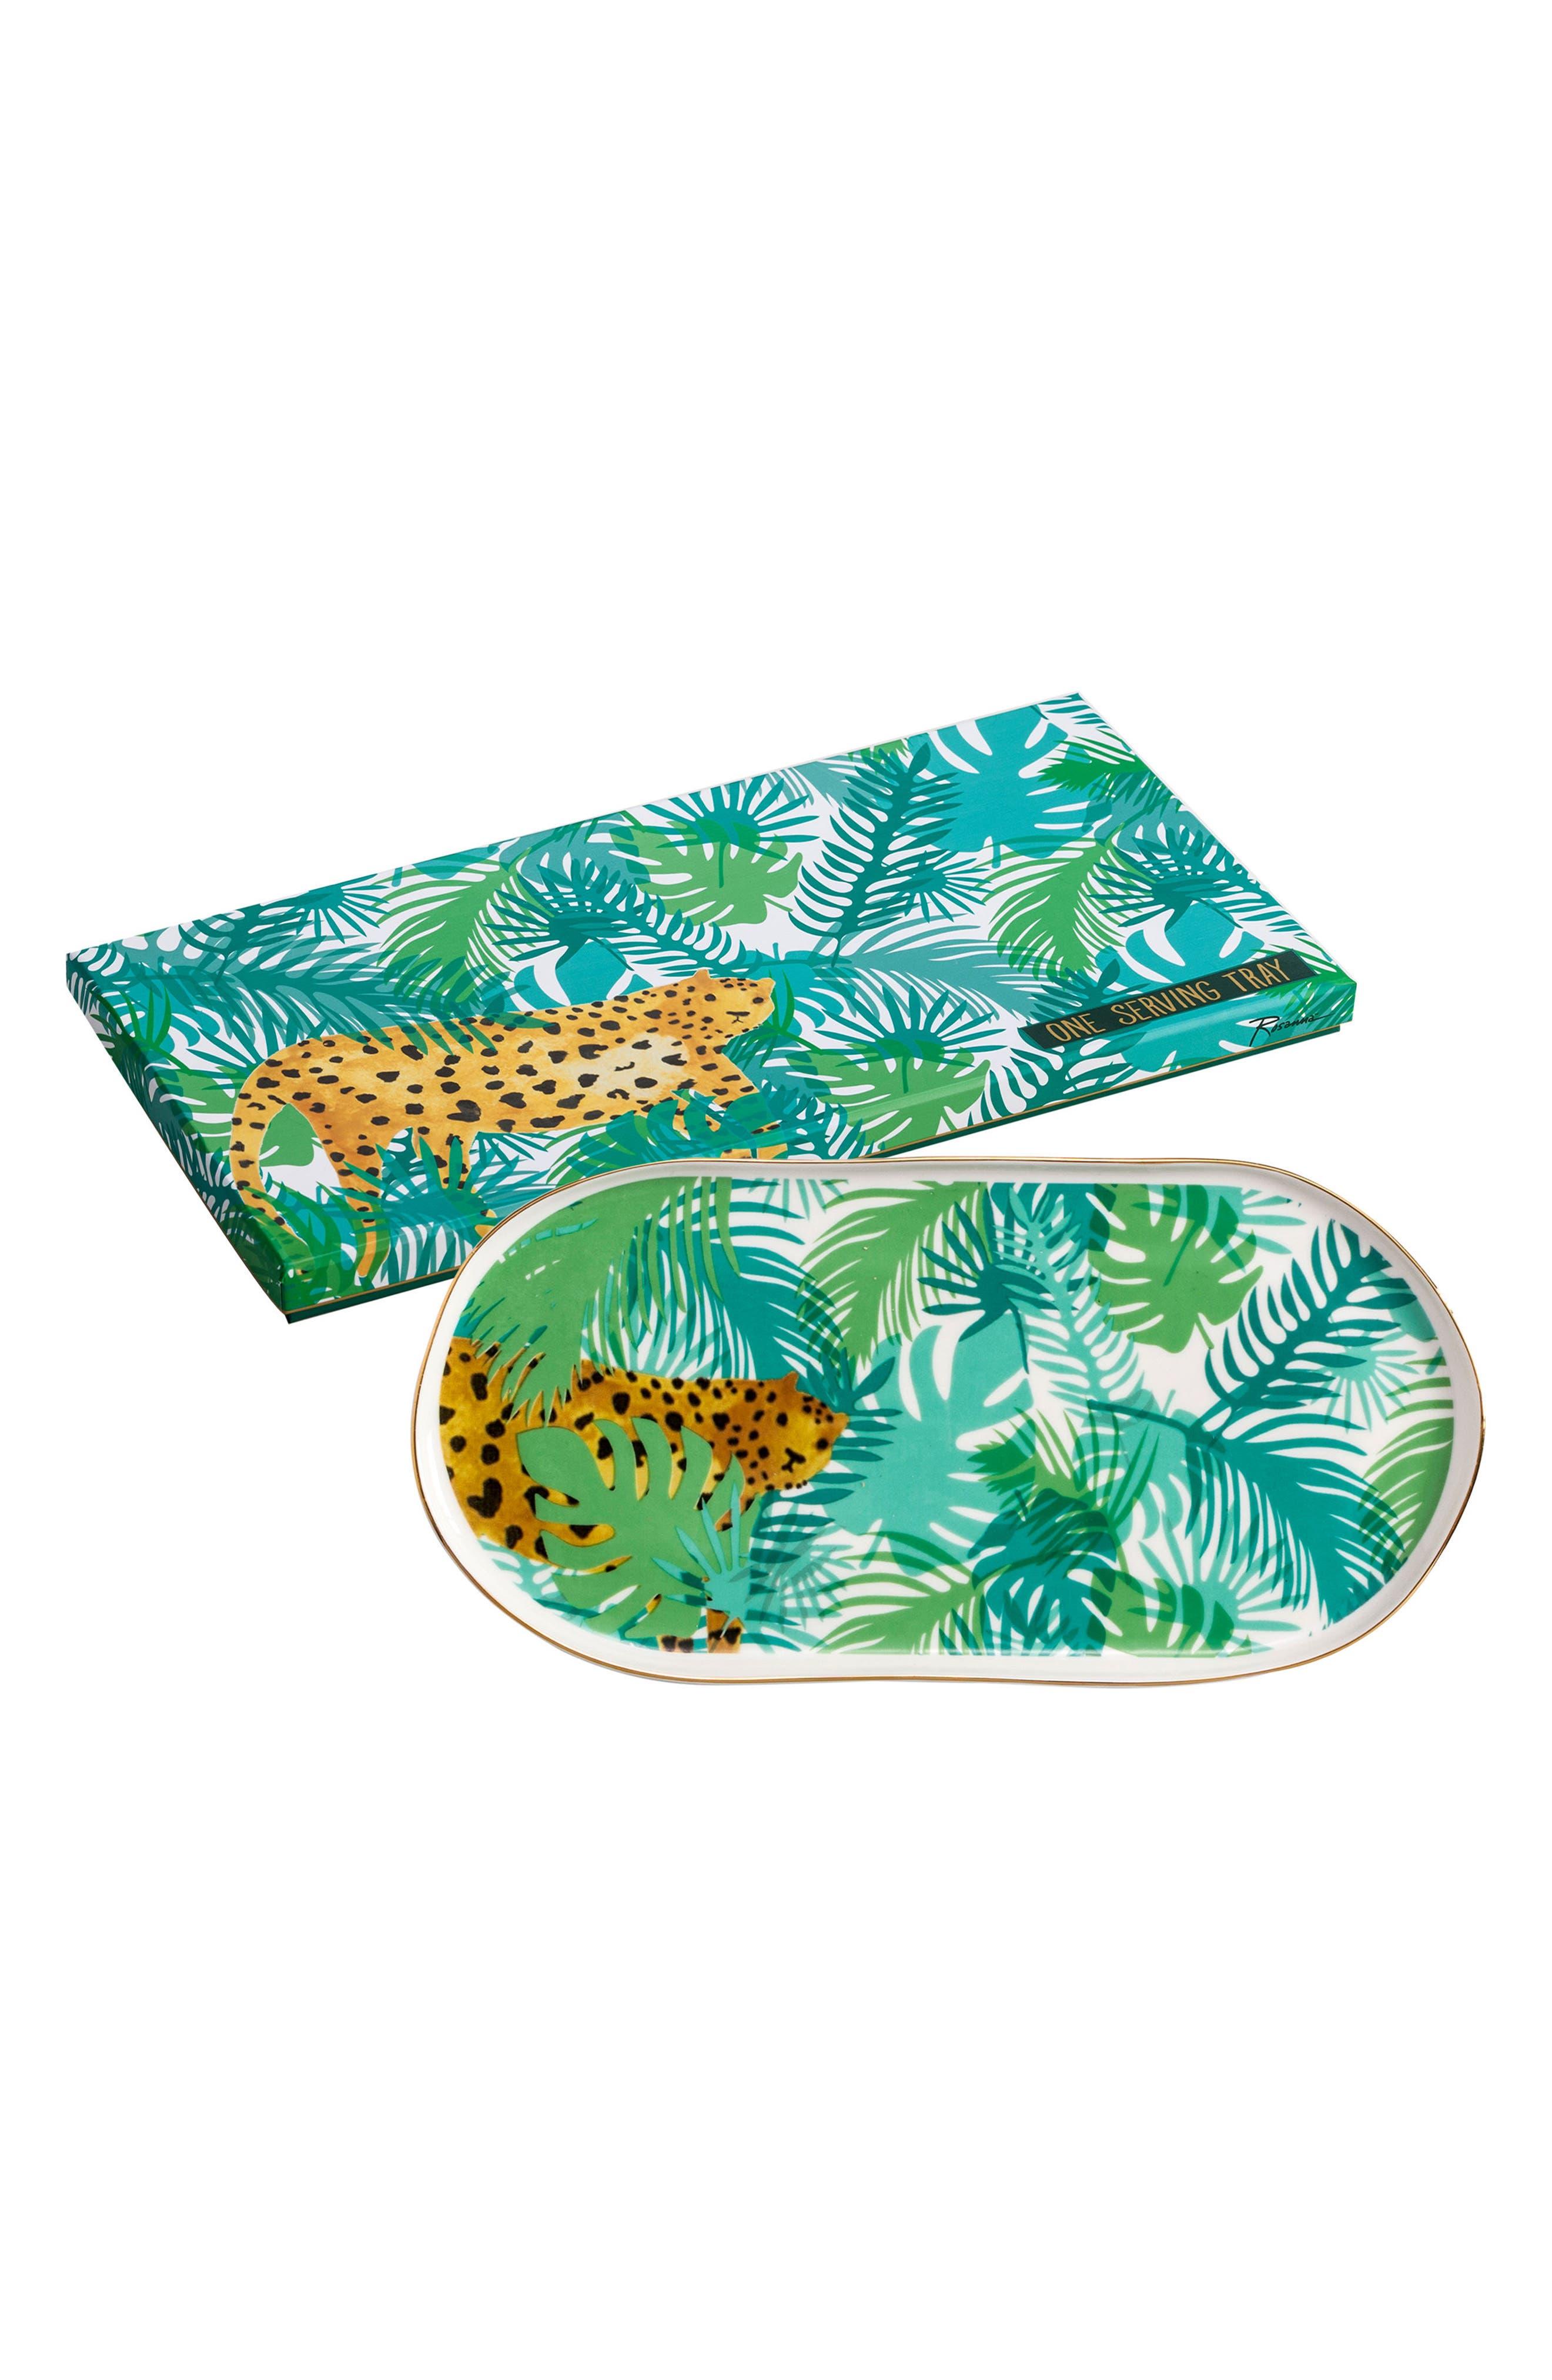 Be Wild Cheetah Tray,                             Main thumbnail 1, color,                             GREEN MULTI